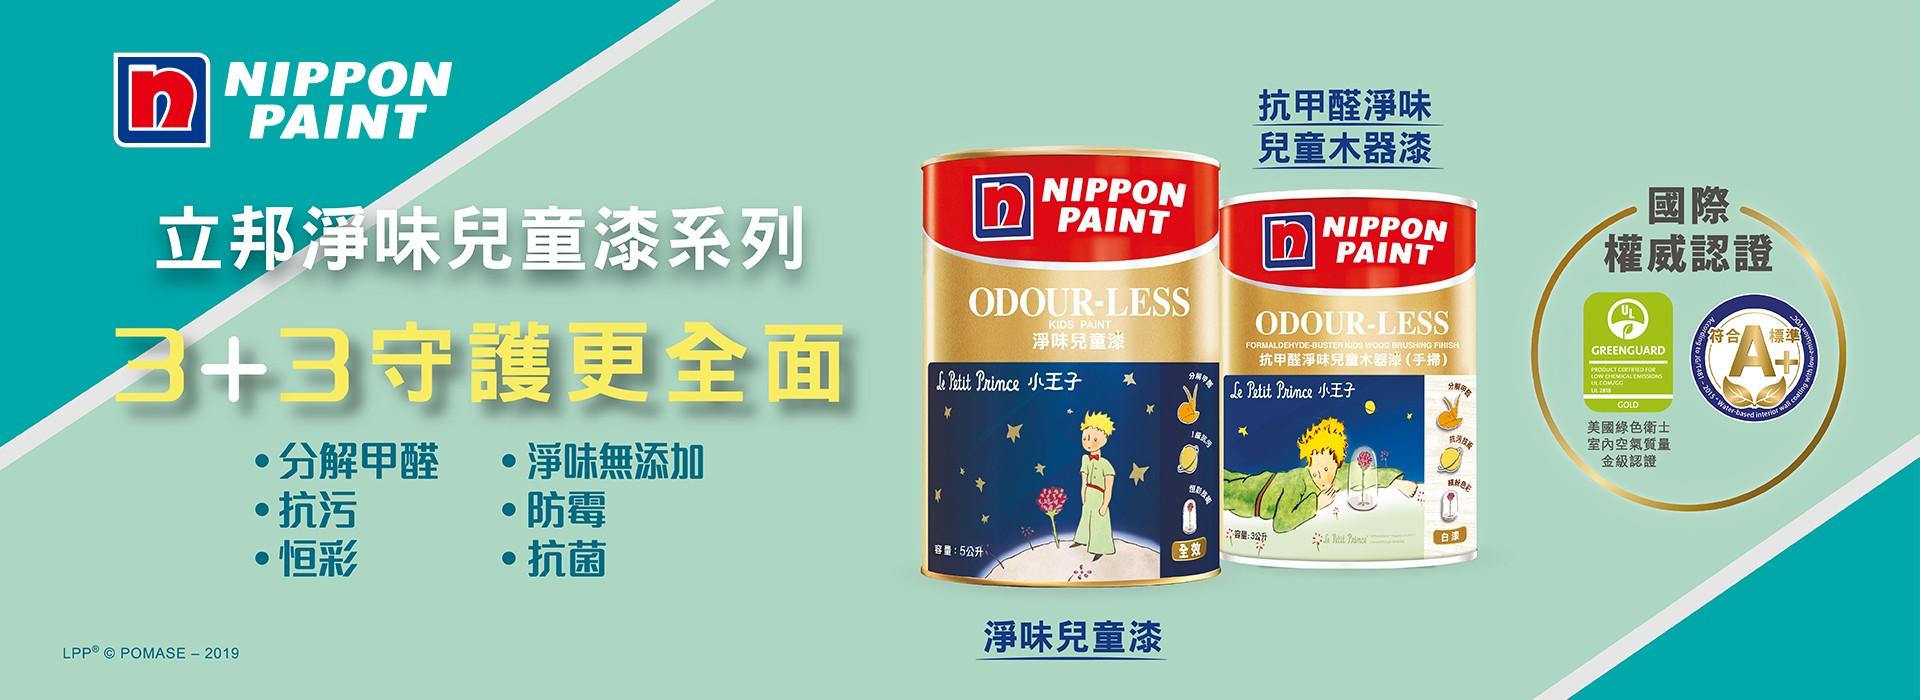 兆記行website banner (kidspaint)